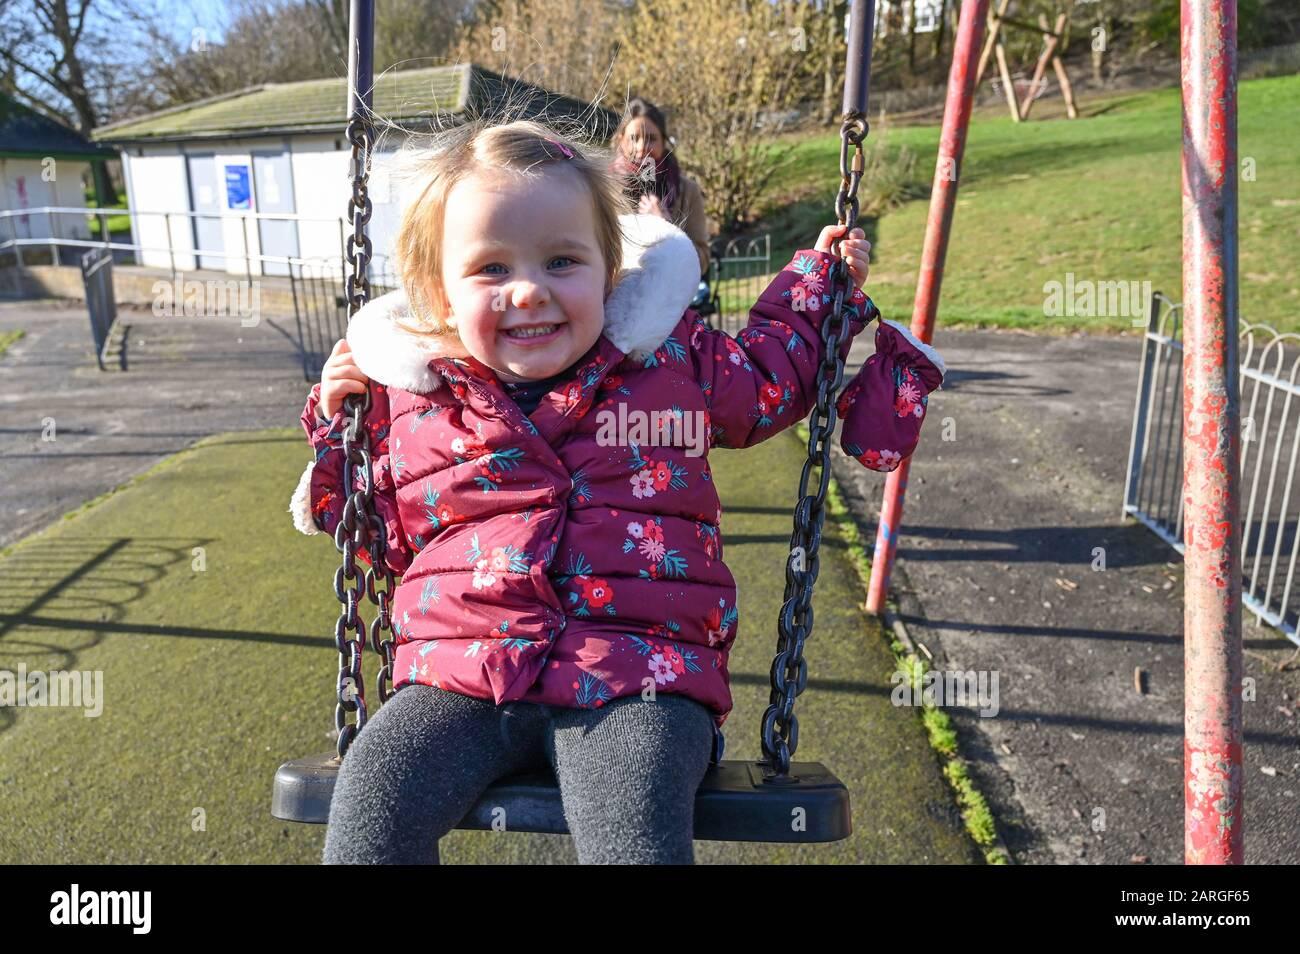 Brighton Reino Unido 28 de enero de 2020 - Isabella de 3 años disfruta de un paseo en los columpios en Queens Park Brighton con su madre empujando en un hermoso día soleado pero frío en Gran Bretaña . Crédito: Simon Dack / Noticias En Vivo De Alamy Foto de stock